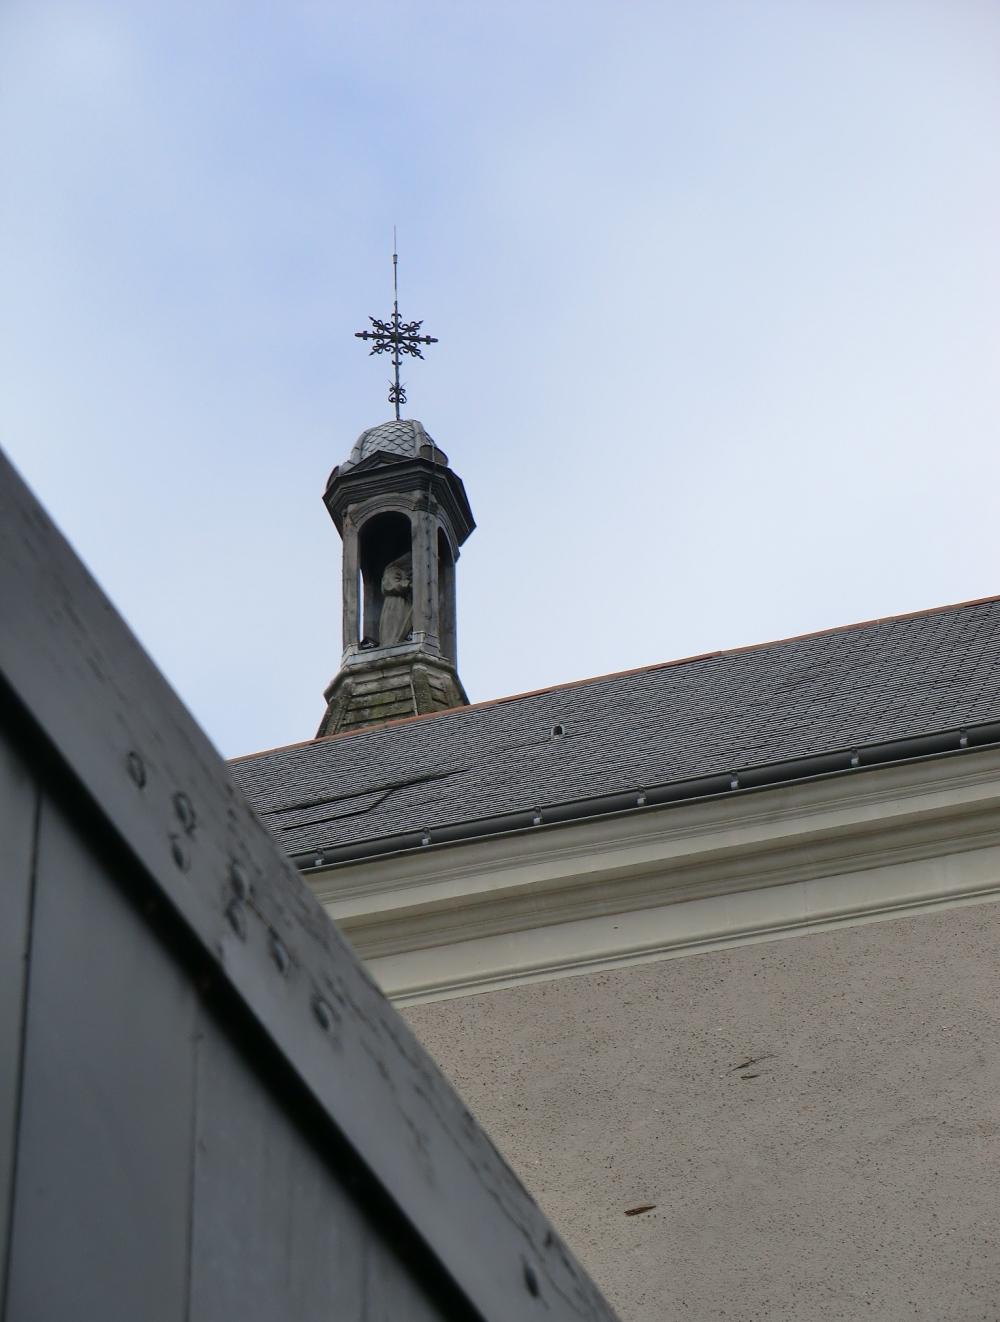 Pélerinage sur le toit....